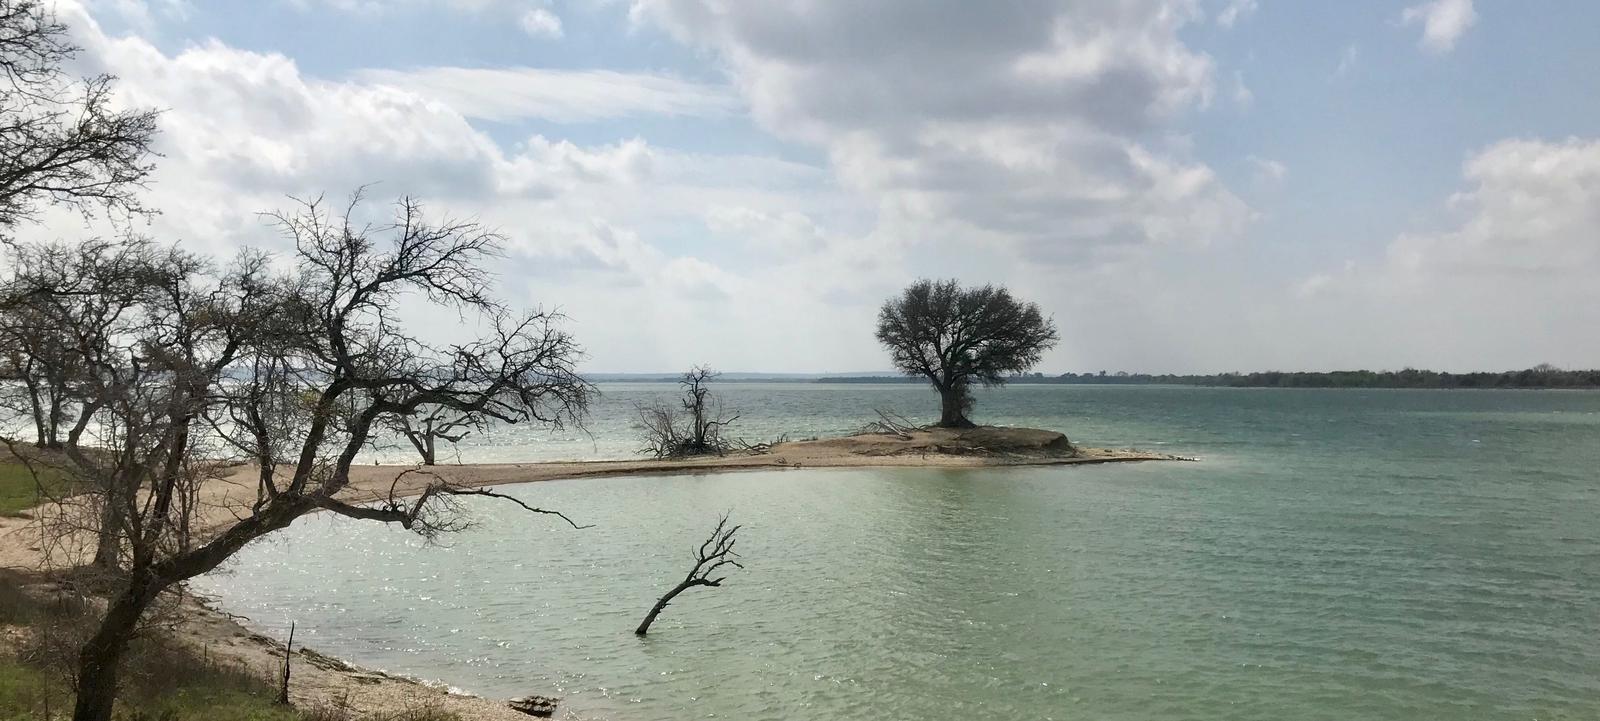 Waco Lake